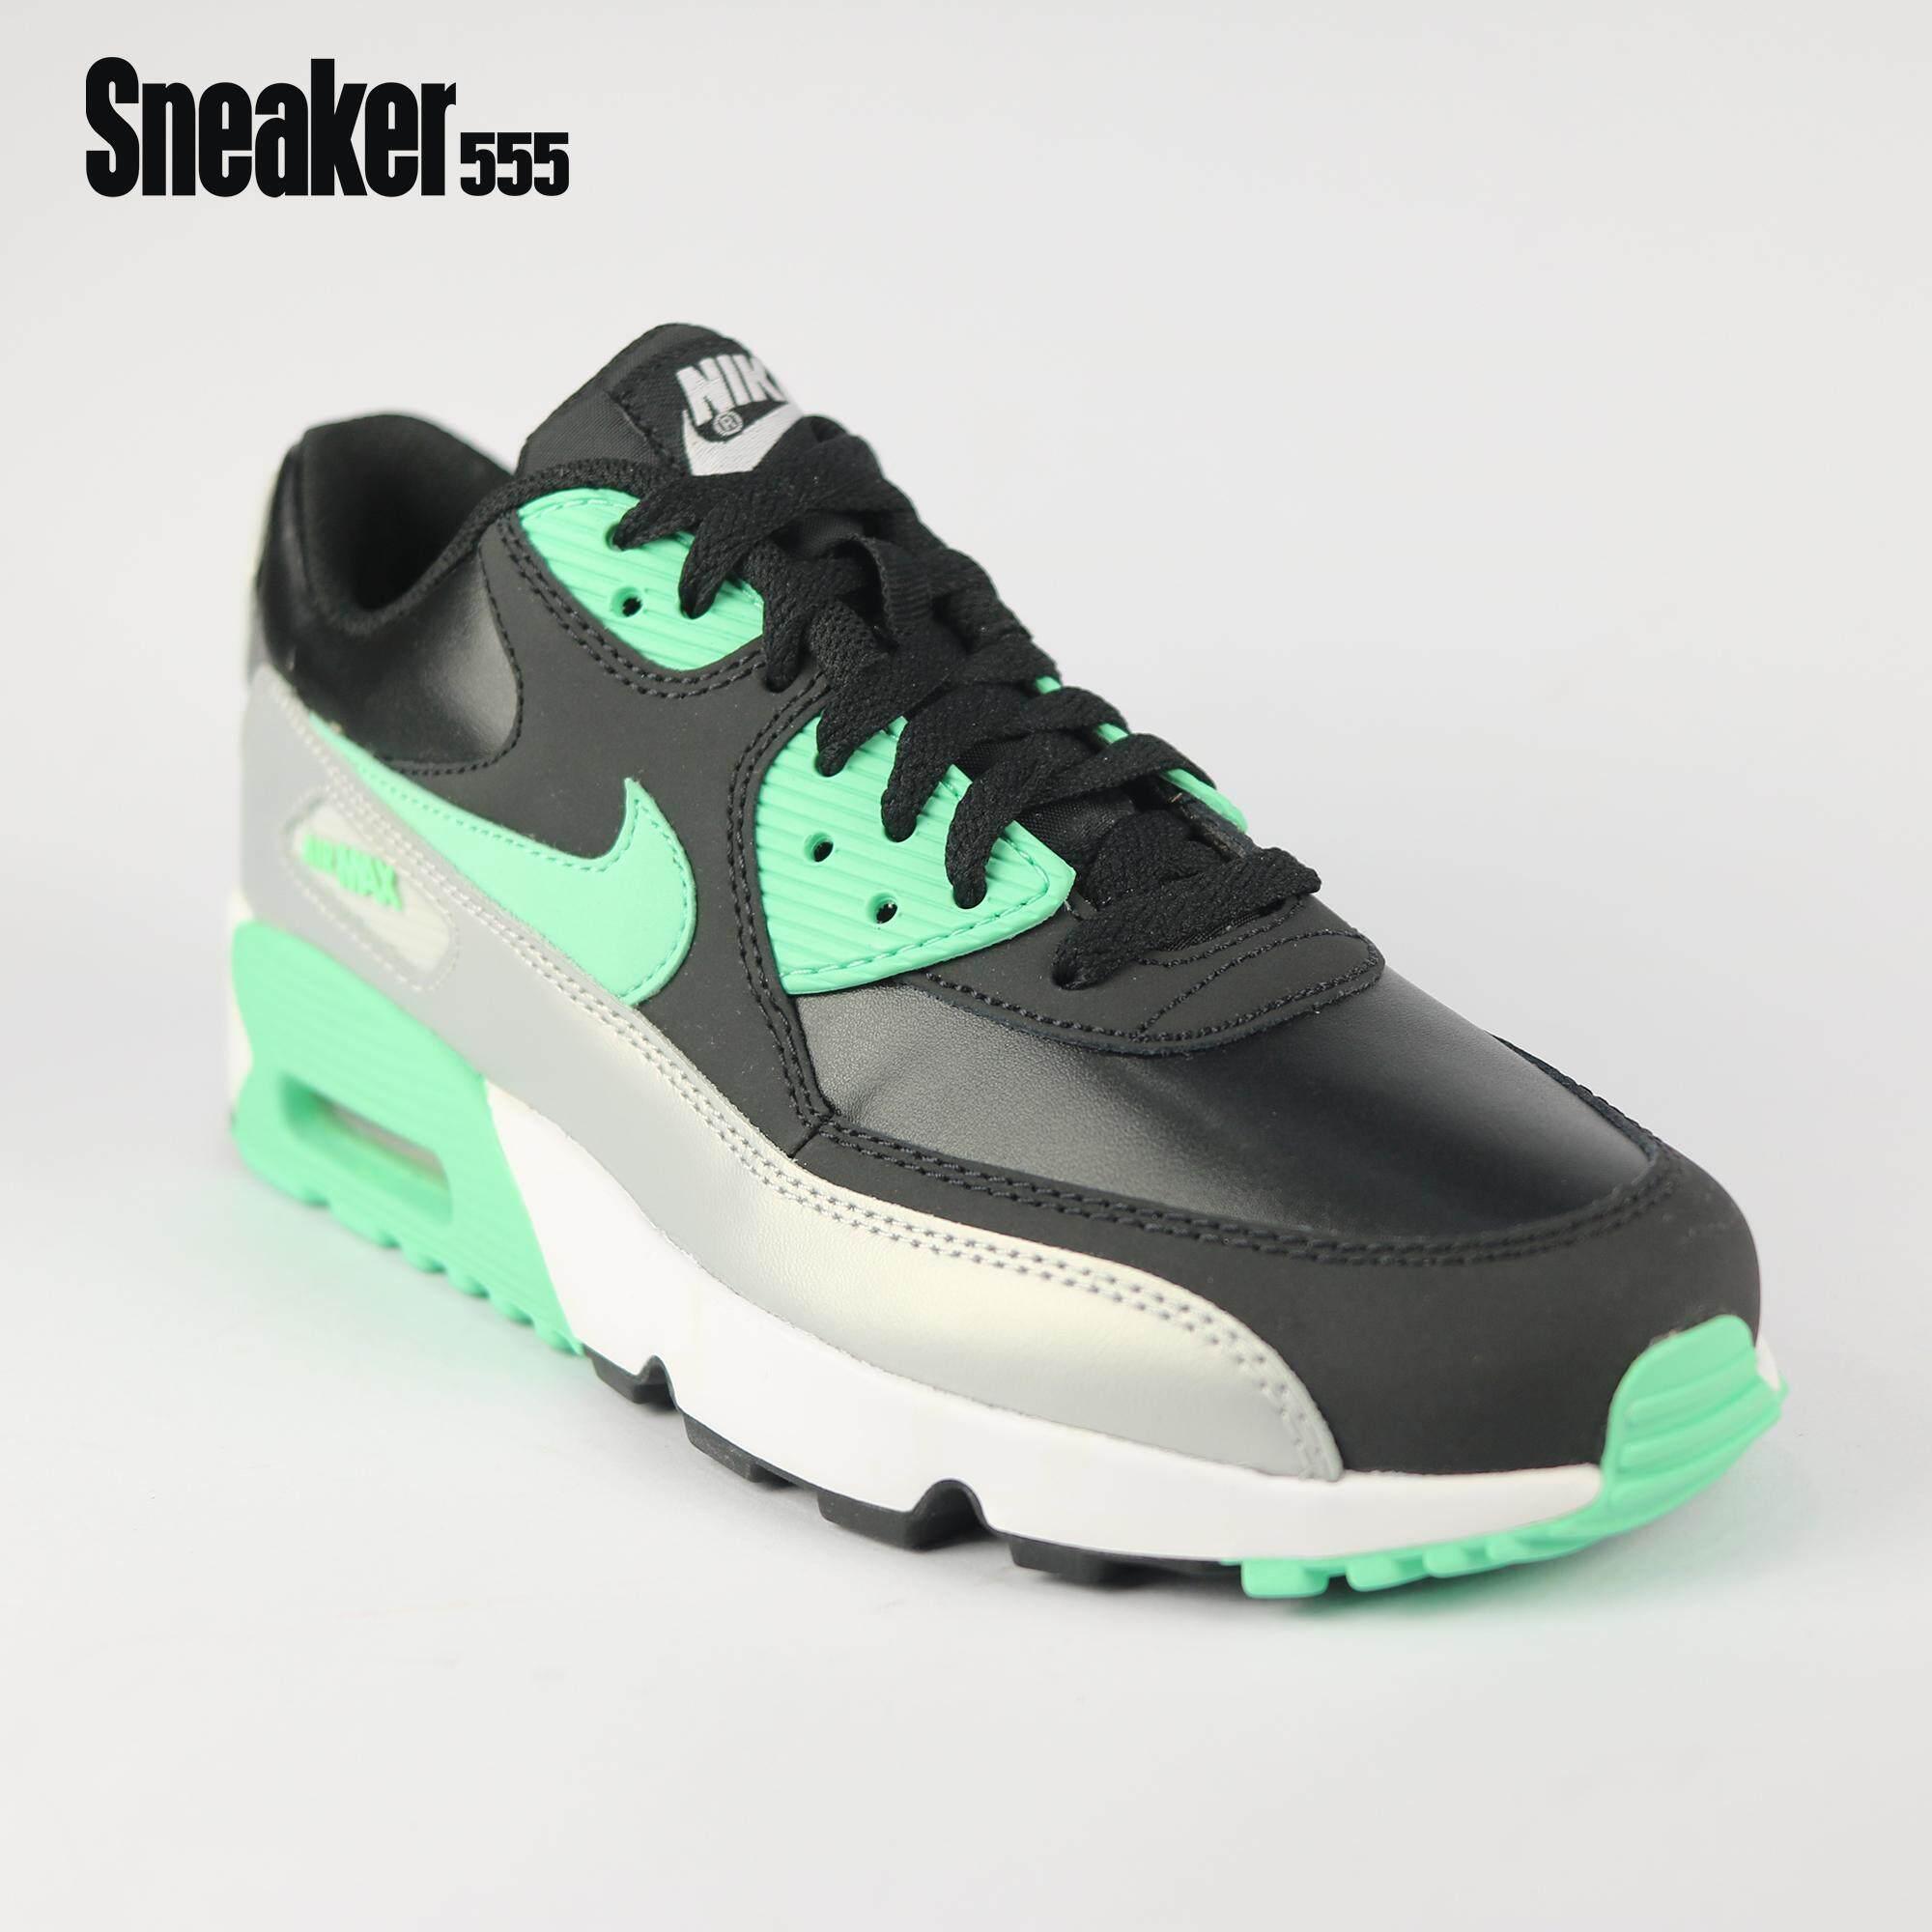 พะเยา ไนกี้ รุ่น Air max 90 LTR GS รองเท้าลำลอง สำหรับผู้หญิง สีดำ-เขียว-เทา-ขาว - Nike Air max 90 LTR GS women casual shoes black / green glow-mtlc platinum